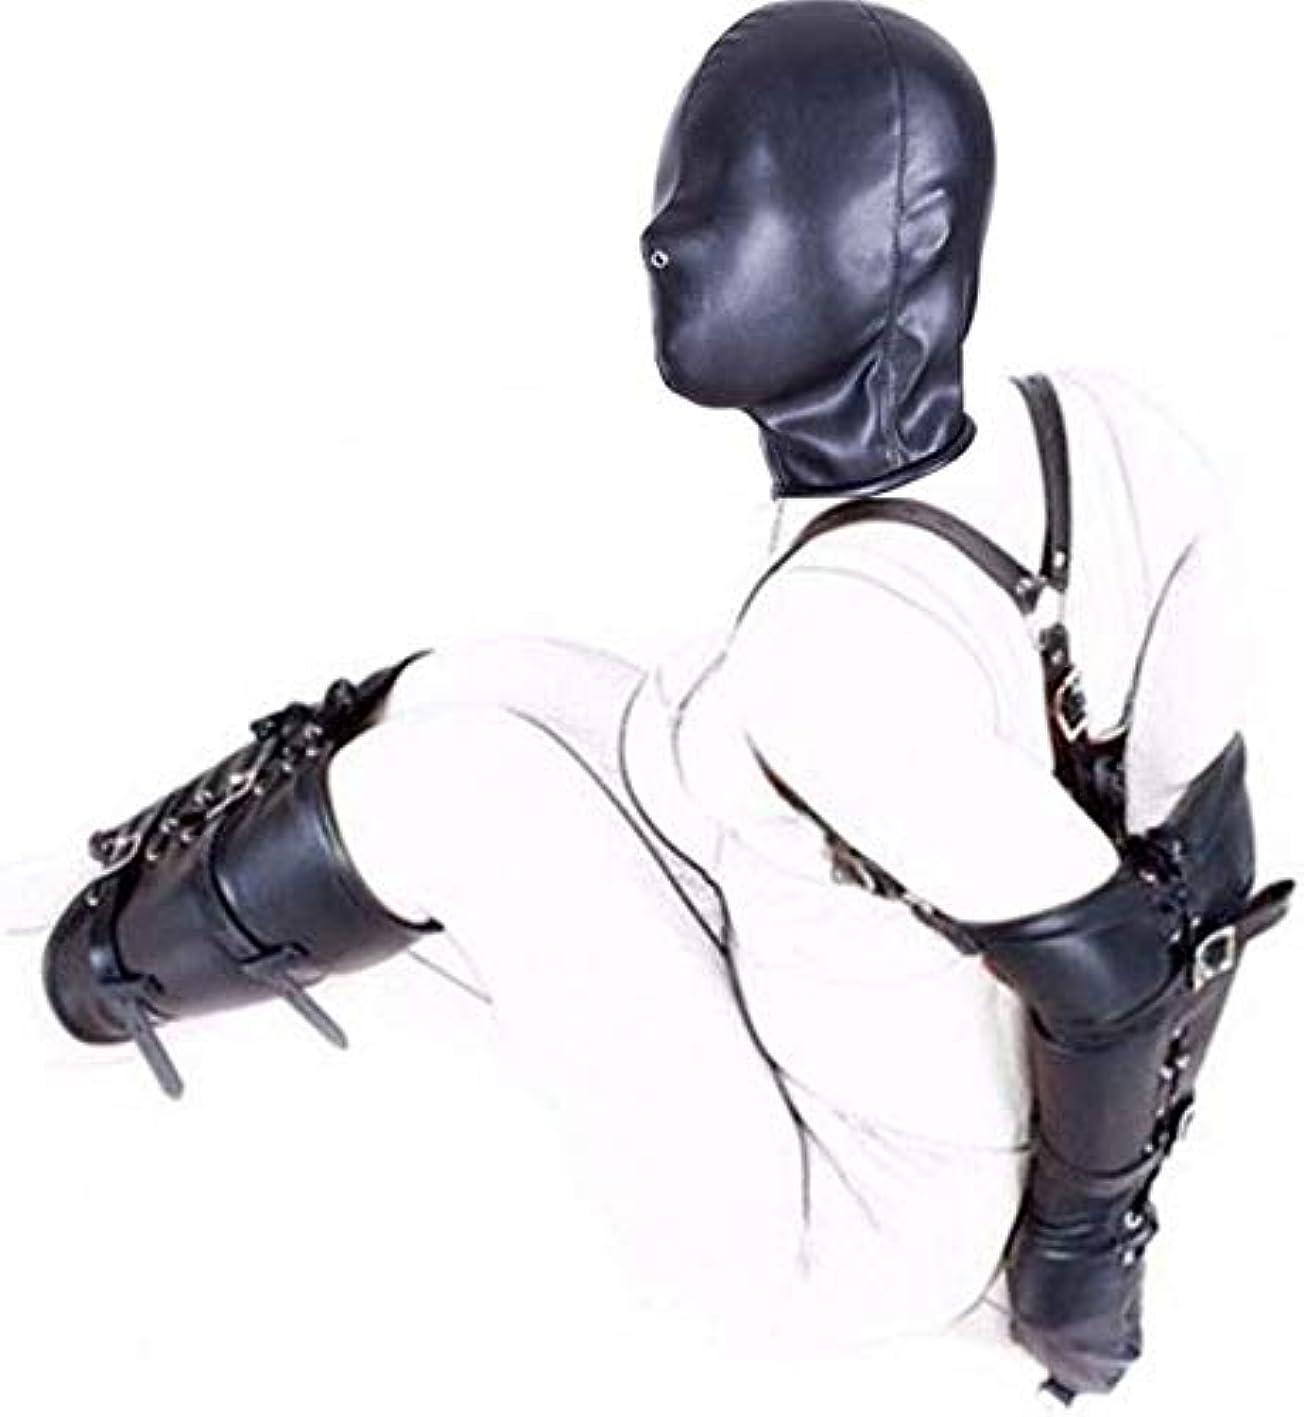 もっともらしい雑草トラフレザー腕+脚拘束+フルフェイスヘッドマスク、ハンド+フット+ヘッドアジャスタブル拘束がんじがらめシステムとのSMボンデージ設定